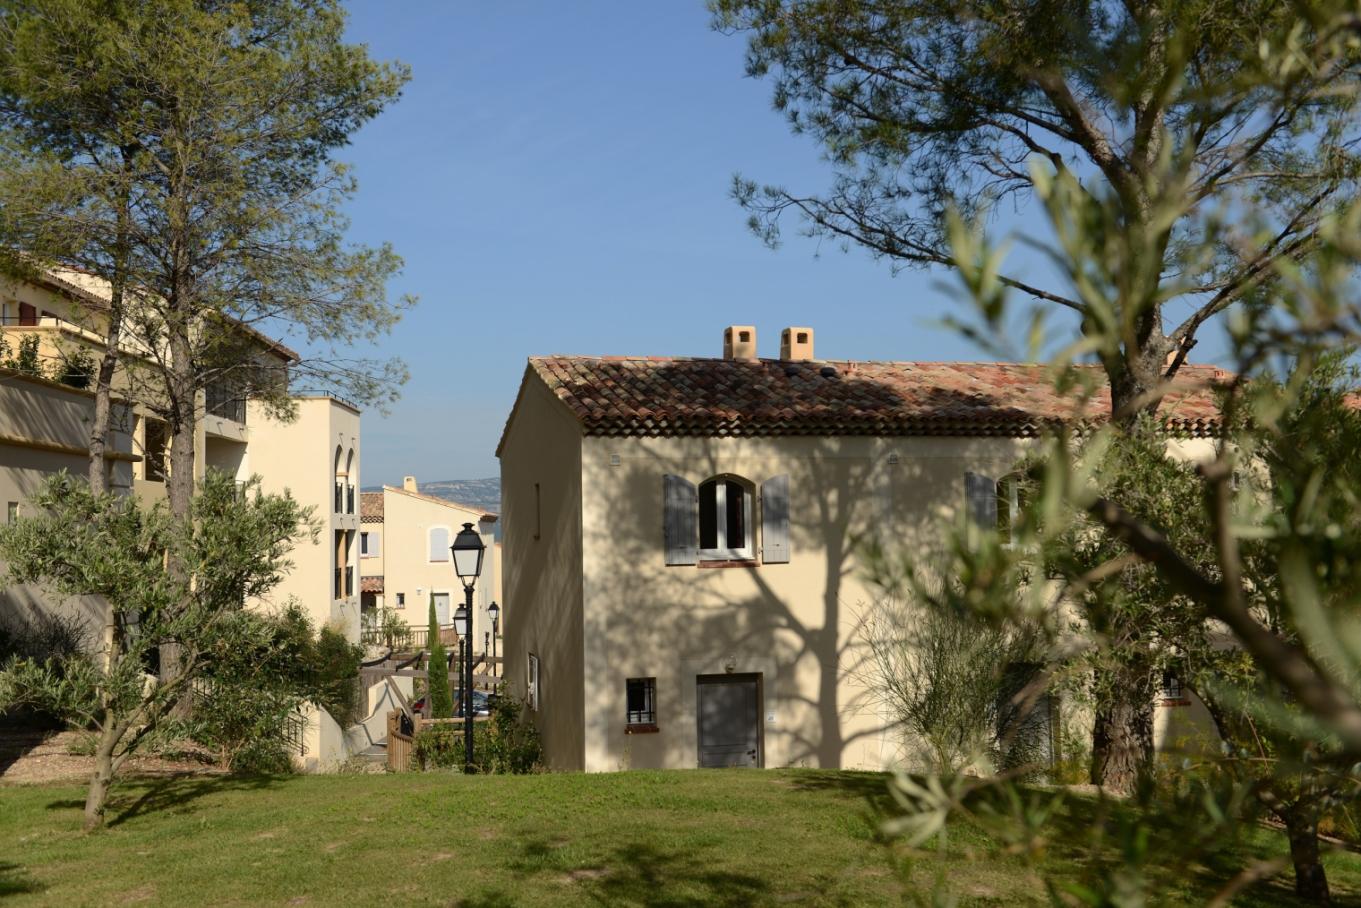 Ferienwohnung Les Coteaux de Pont Royal 2p4p STD (1043048), Mallemort, Bouches-du-Rhône, Provence - Alpen - Côte d'Azur, Frankreich, Bild 27